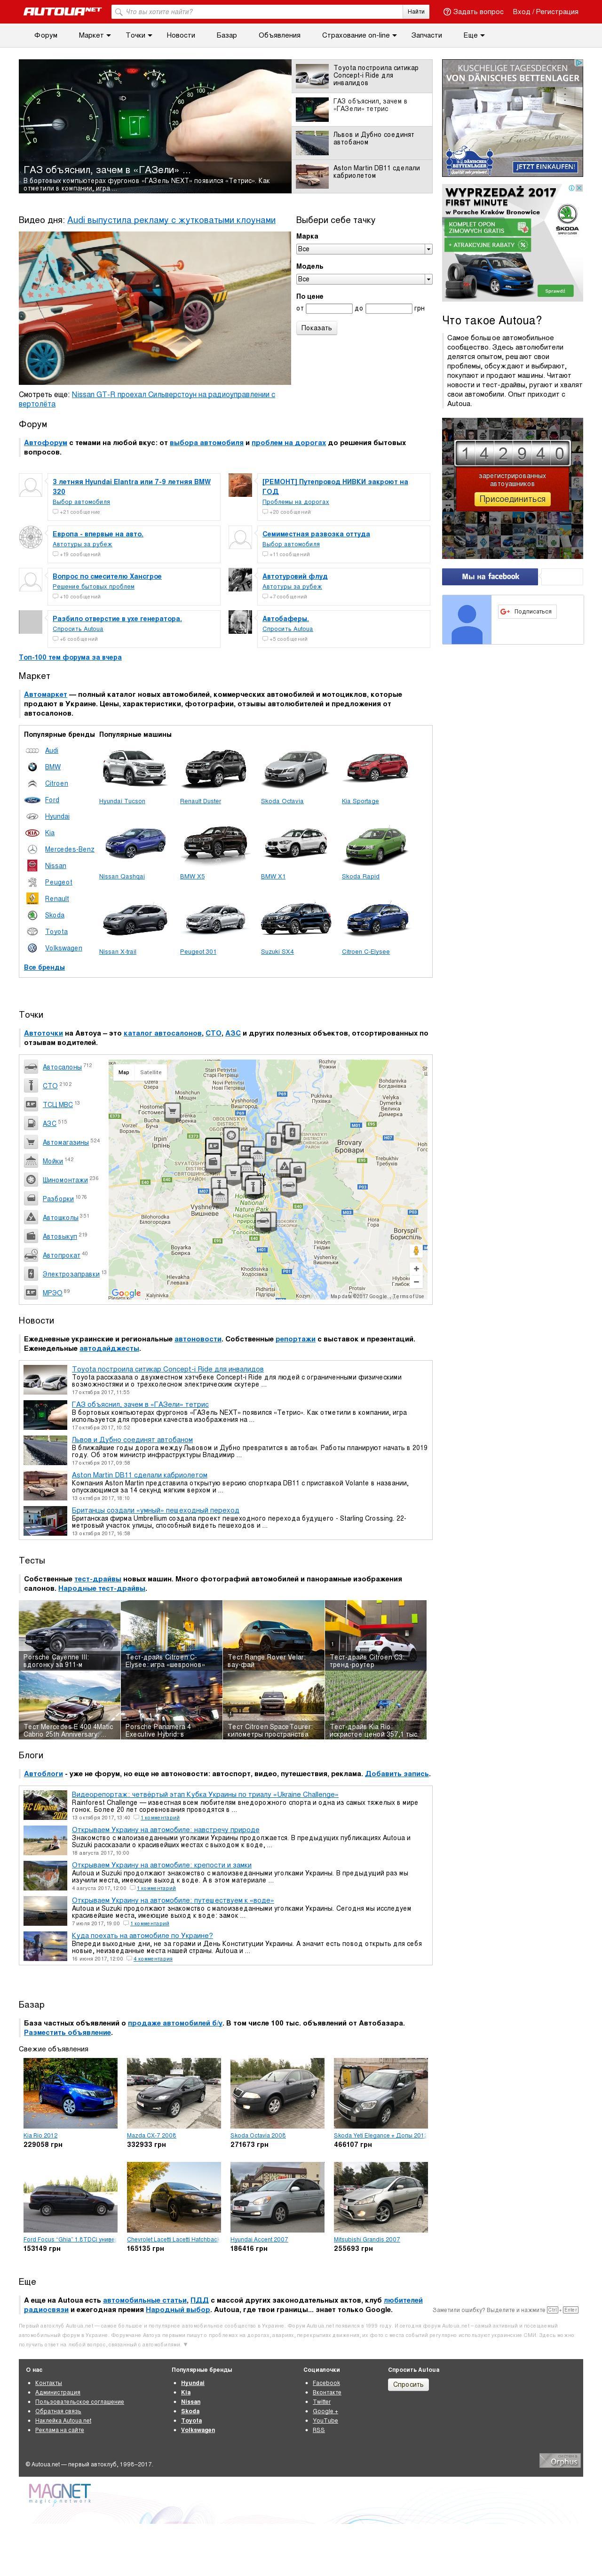 Фото Продвижение в ТОП автомобильного сайта   Примеры запросов (Google, гео Киев, Украина): автофорум - 1 место, авто маркет - 1 место, новый автомобиль - 1 место.